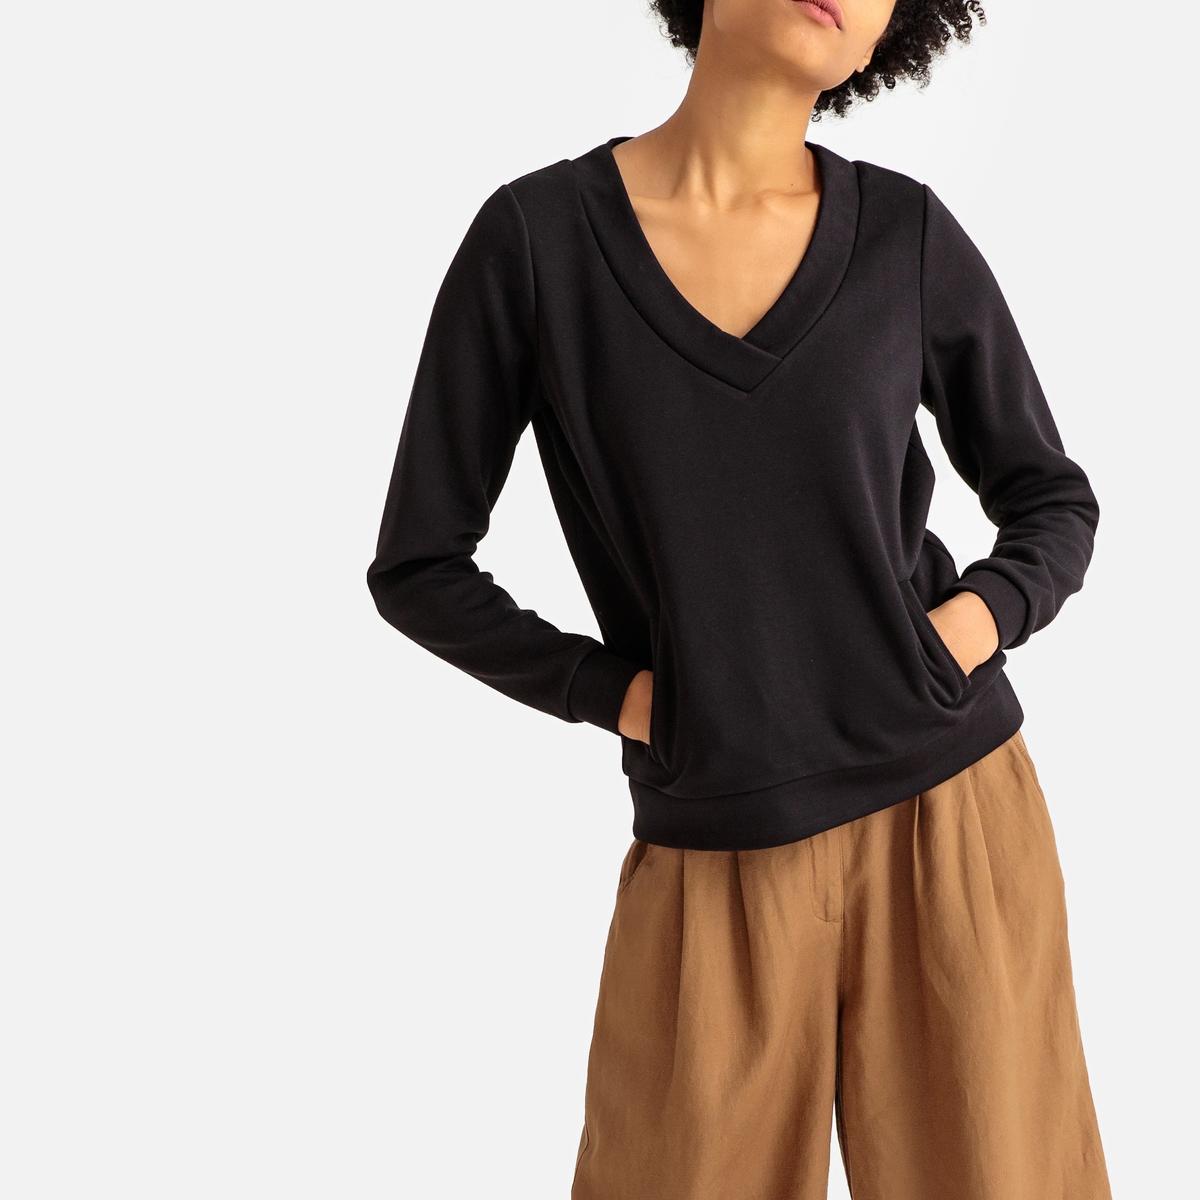 Sudadera con cuello de pico, bolsillos y manga larga